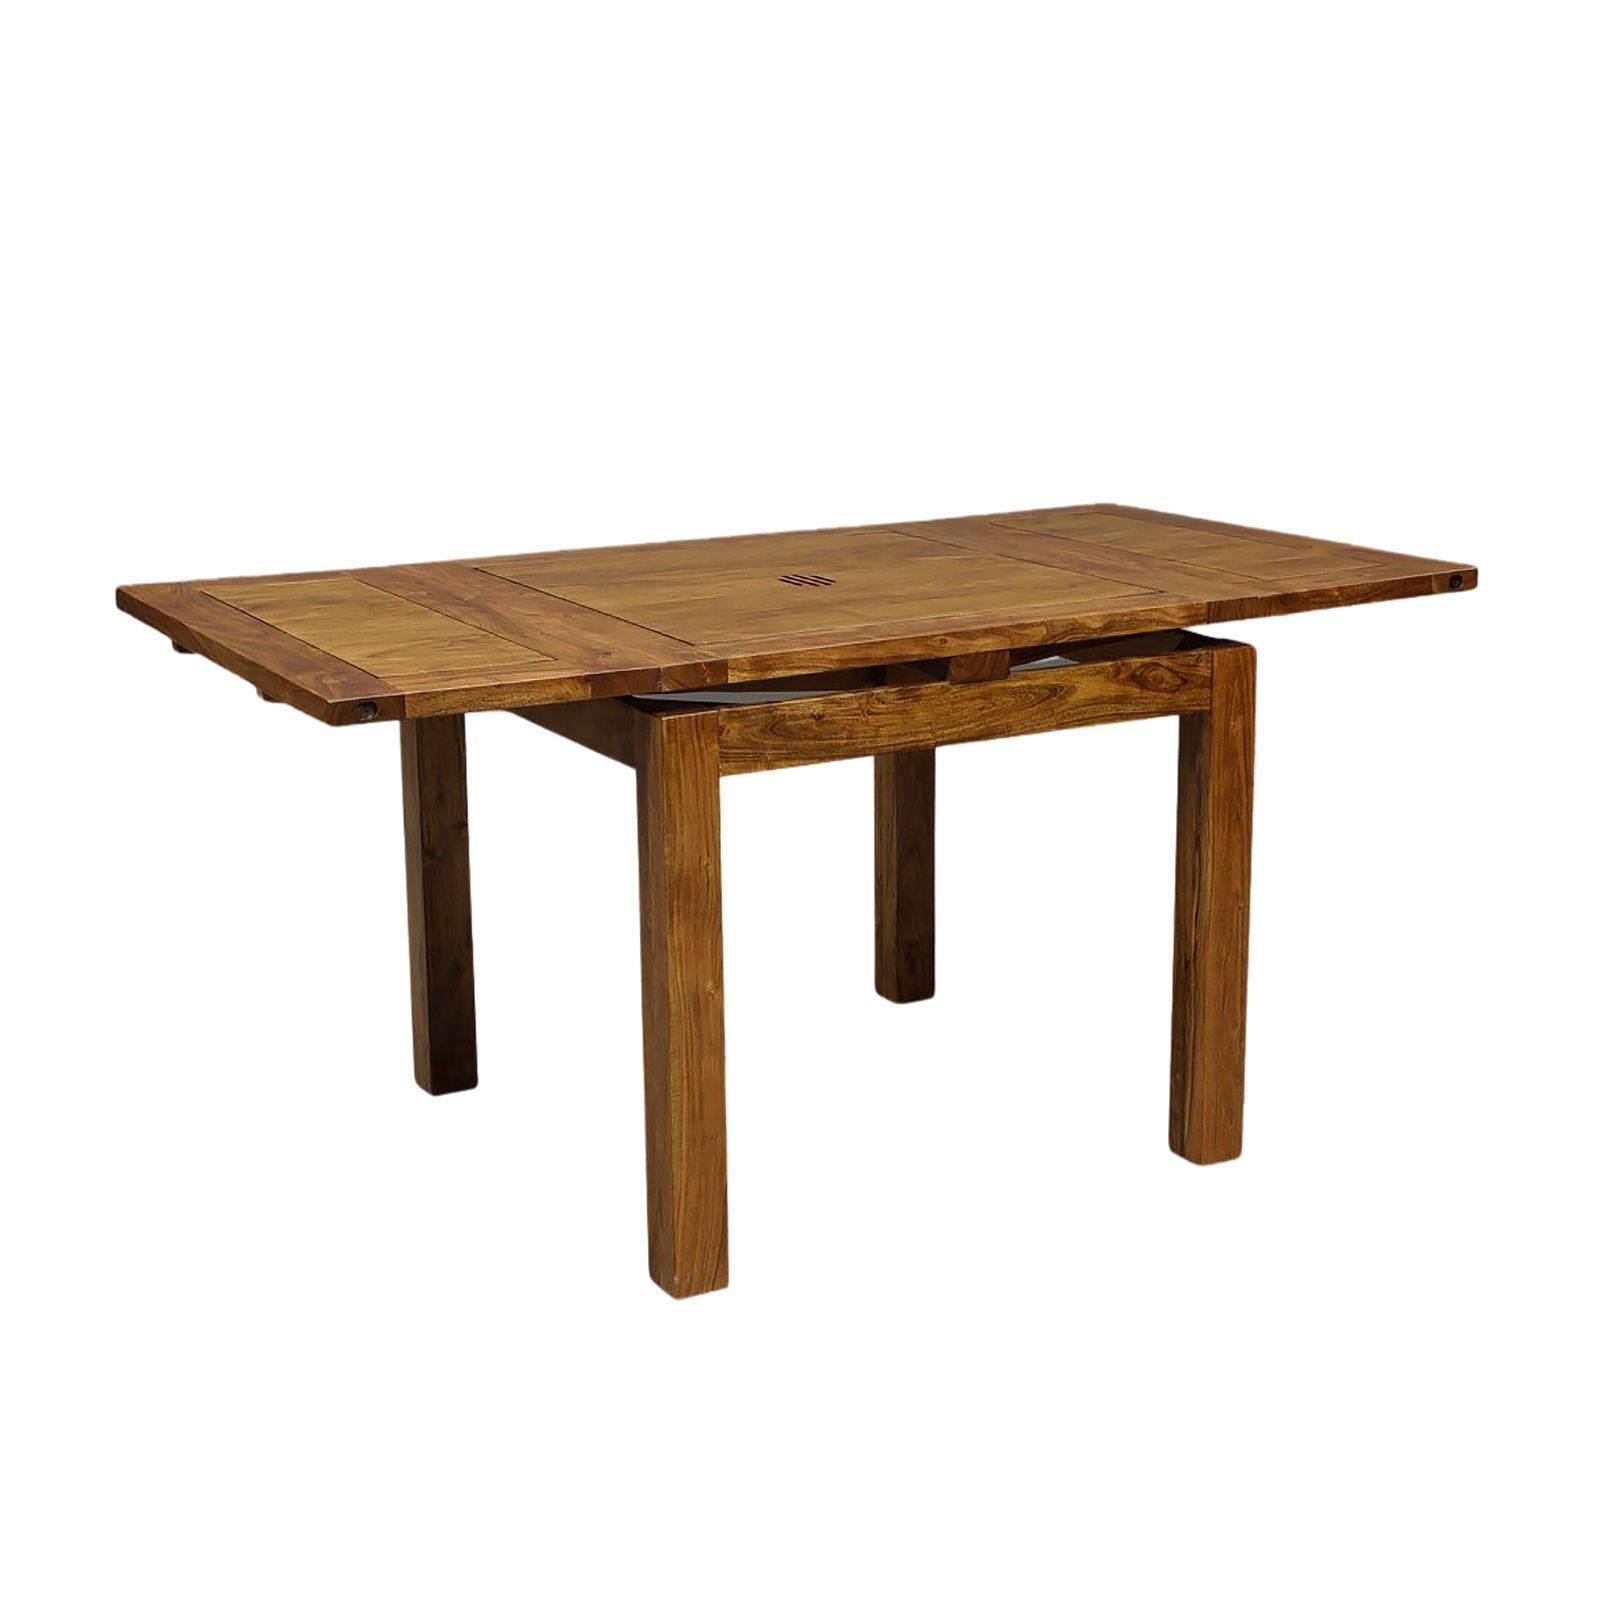 Petite table de repas carrée avec 2 rallonges en bois de qualité